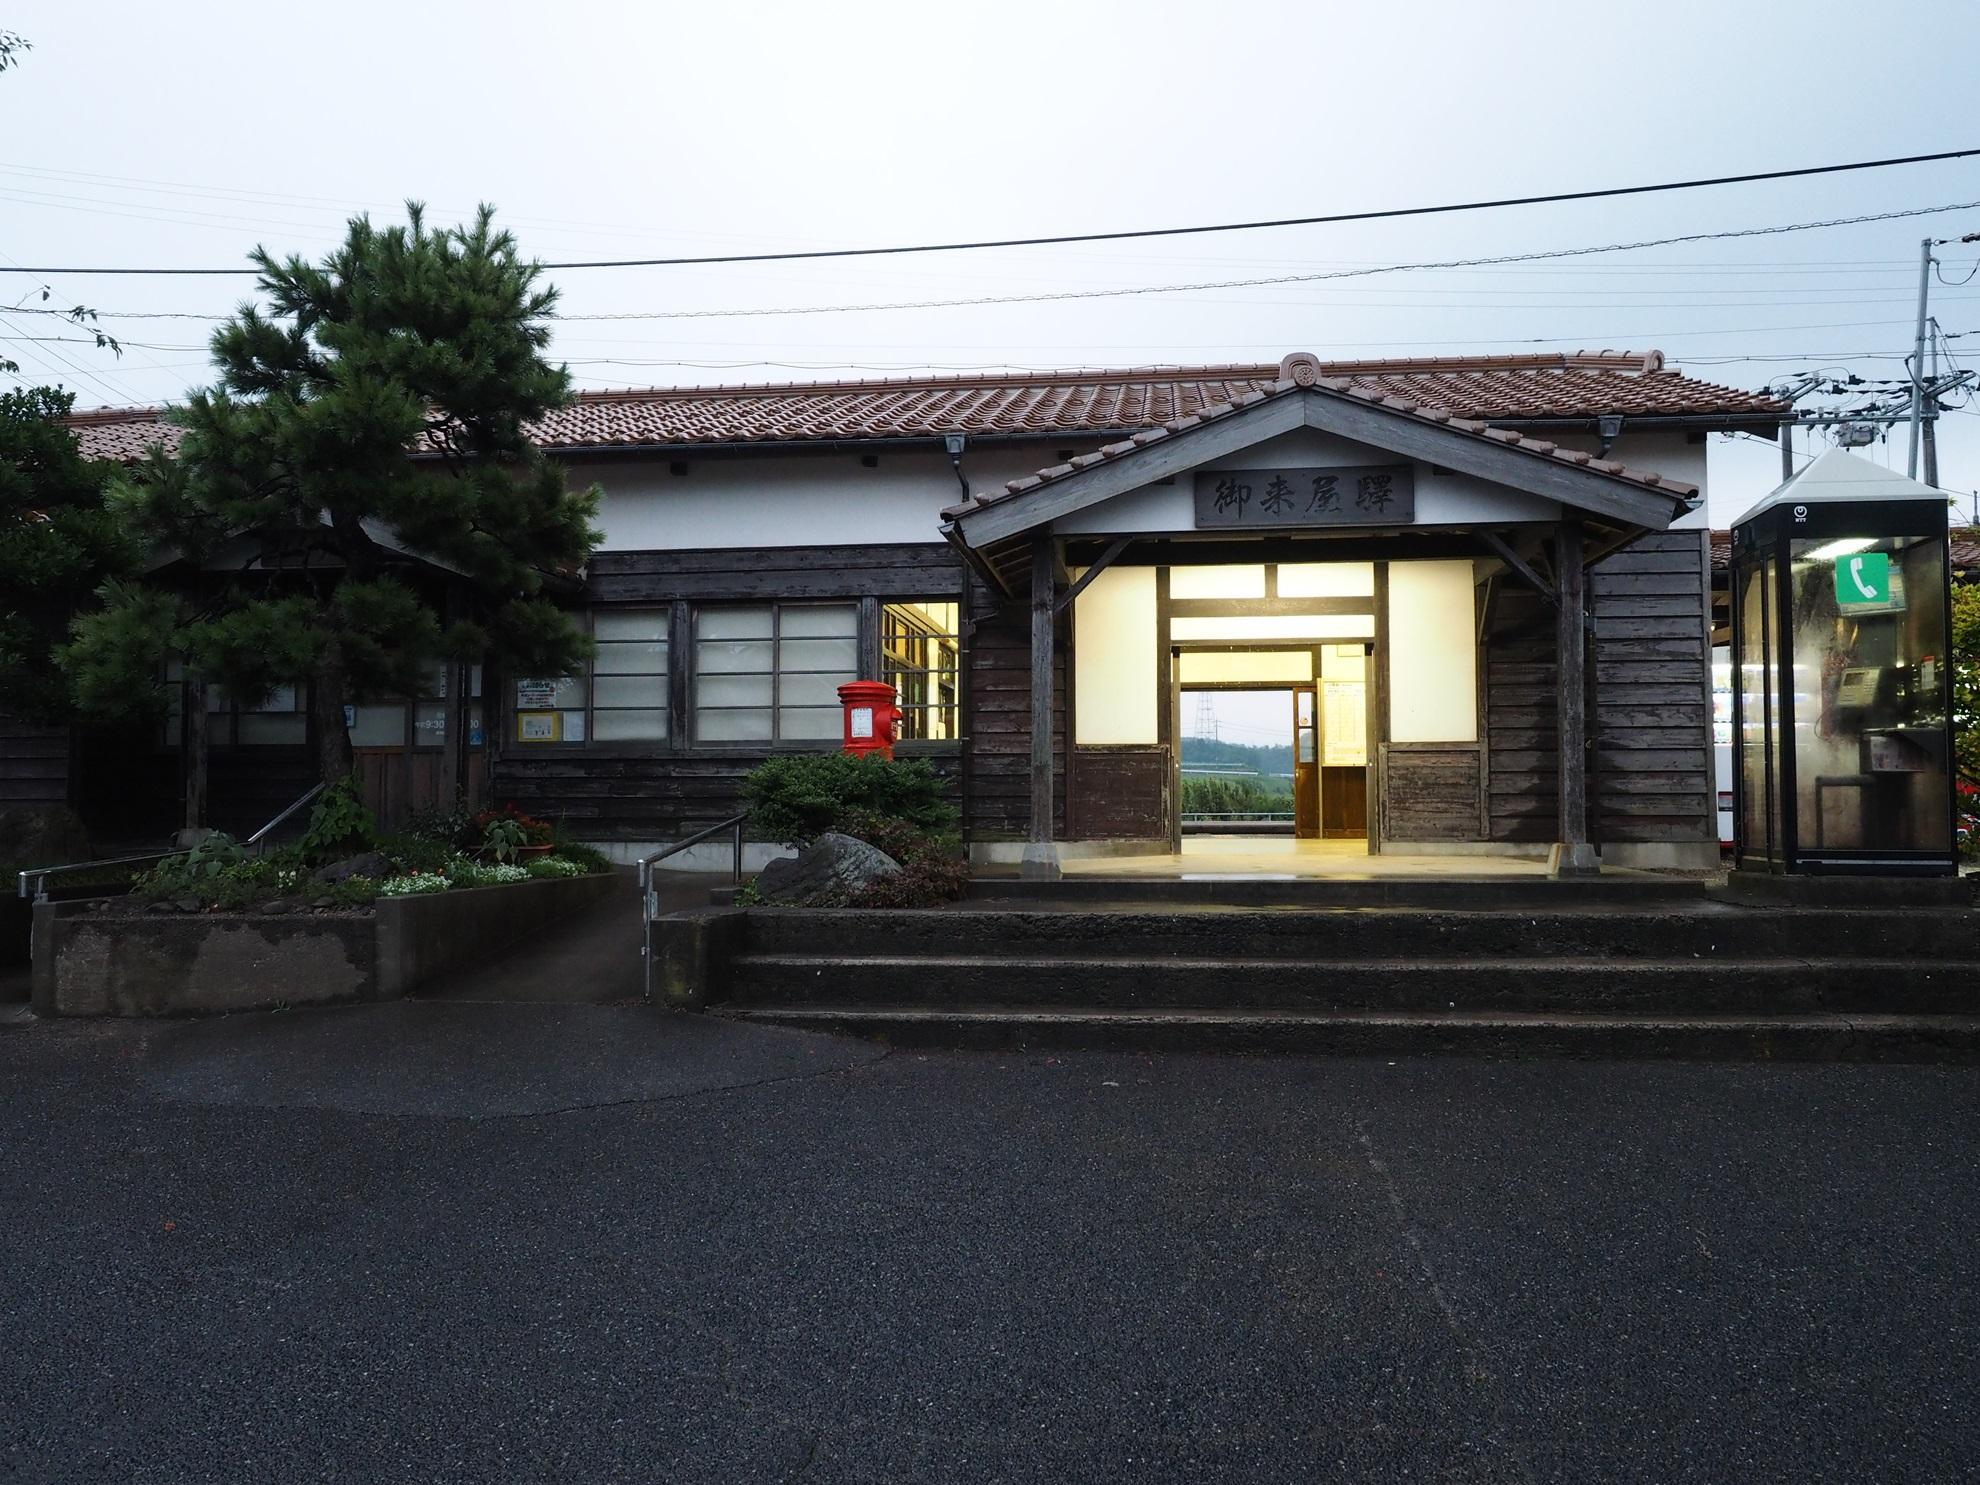 御来屋駅 駅舎